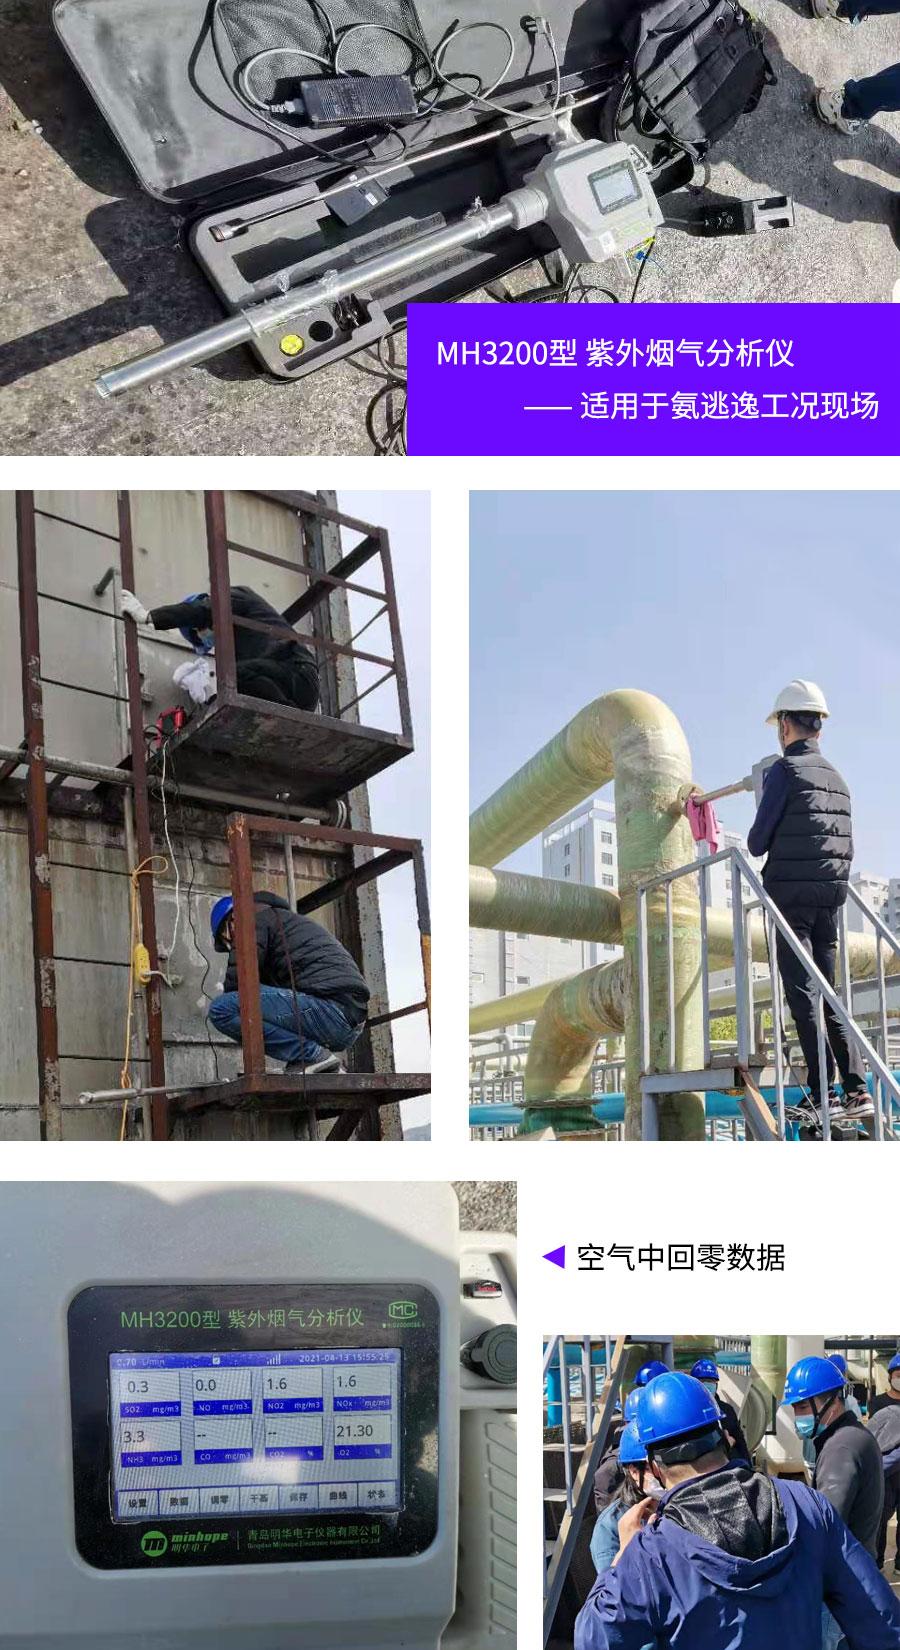 【标准验证】明华紫外MH3200助力河北省氨气检测地方标准验证